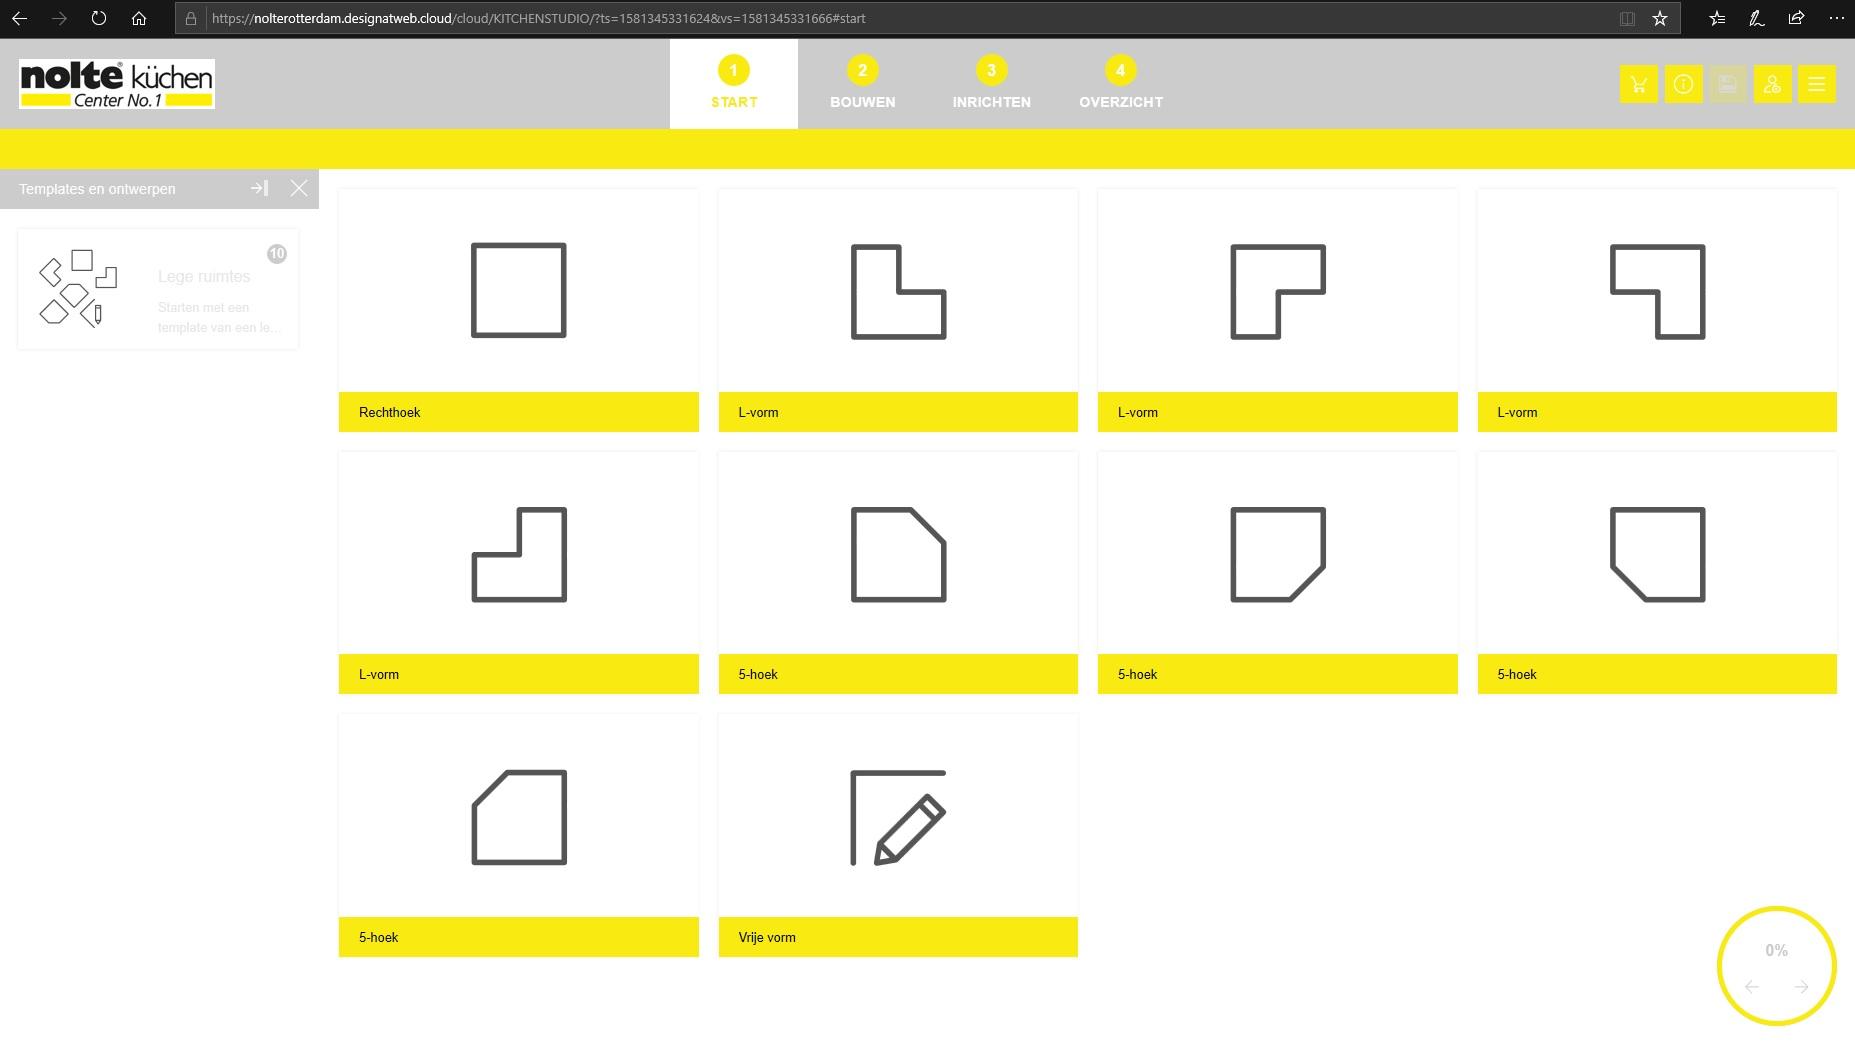 Keuken Ontwerpen App : D keukenplanner de website van noltekeukensrotterdam